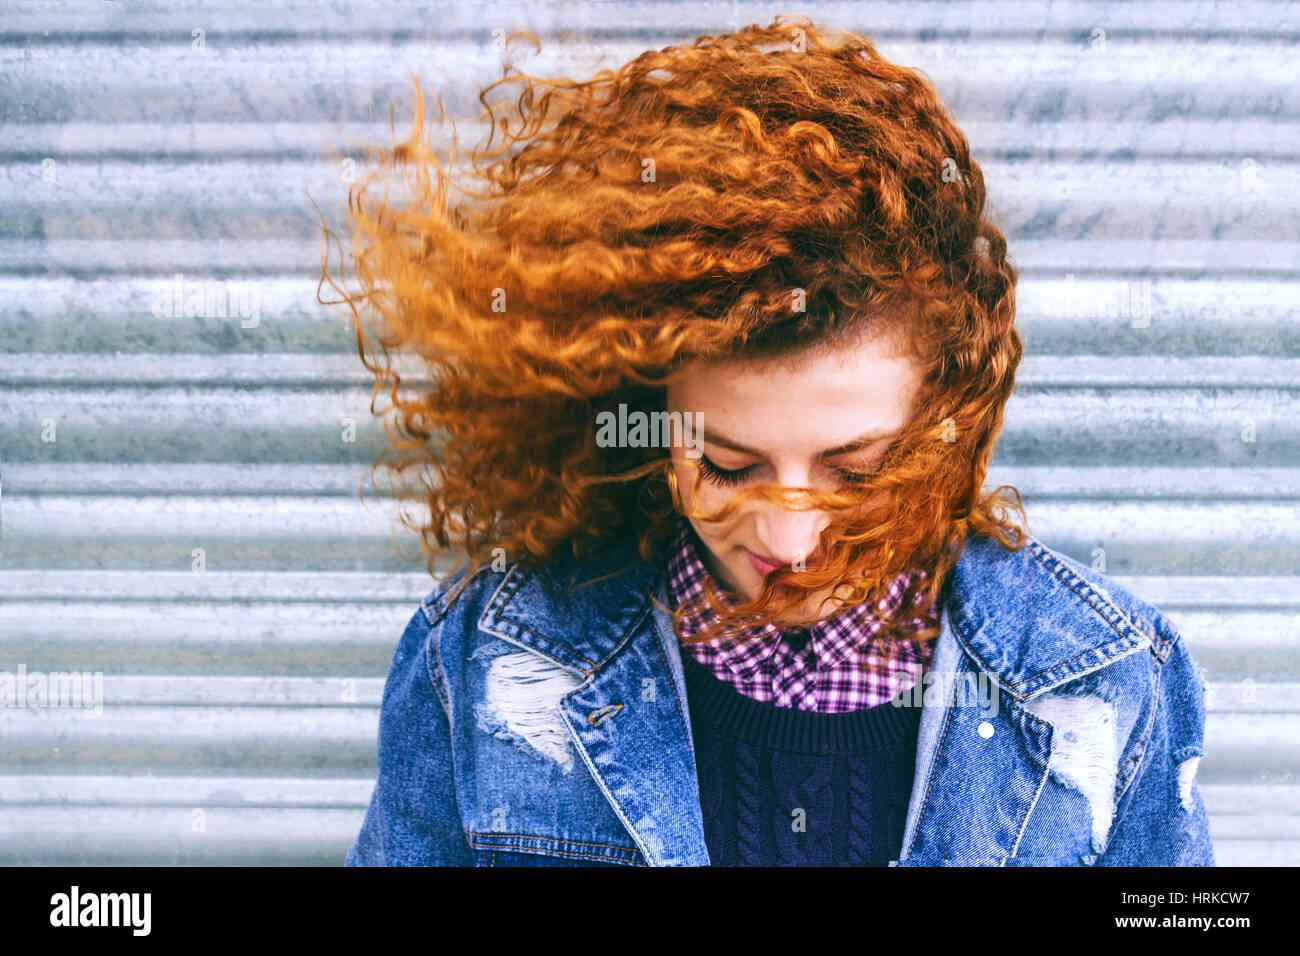 Retrato de una bella pelirroja adolescente Imagen De Stock